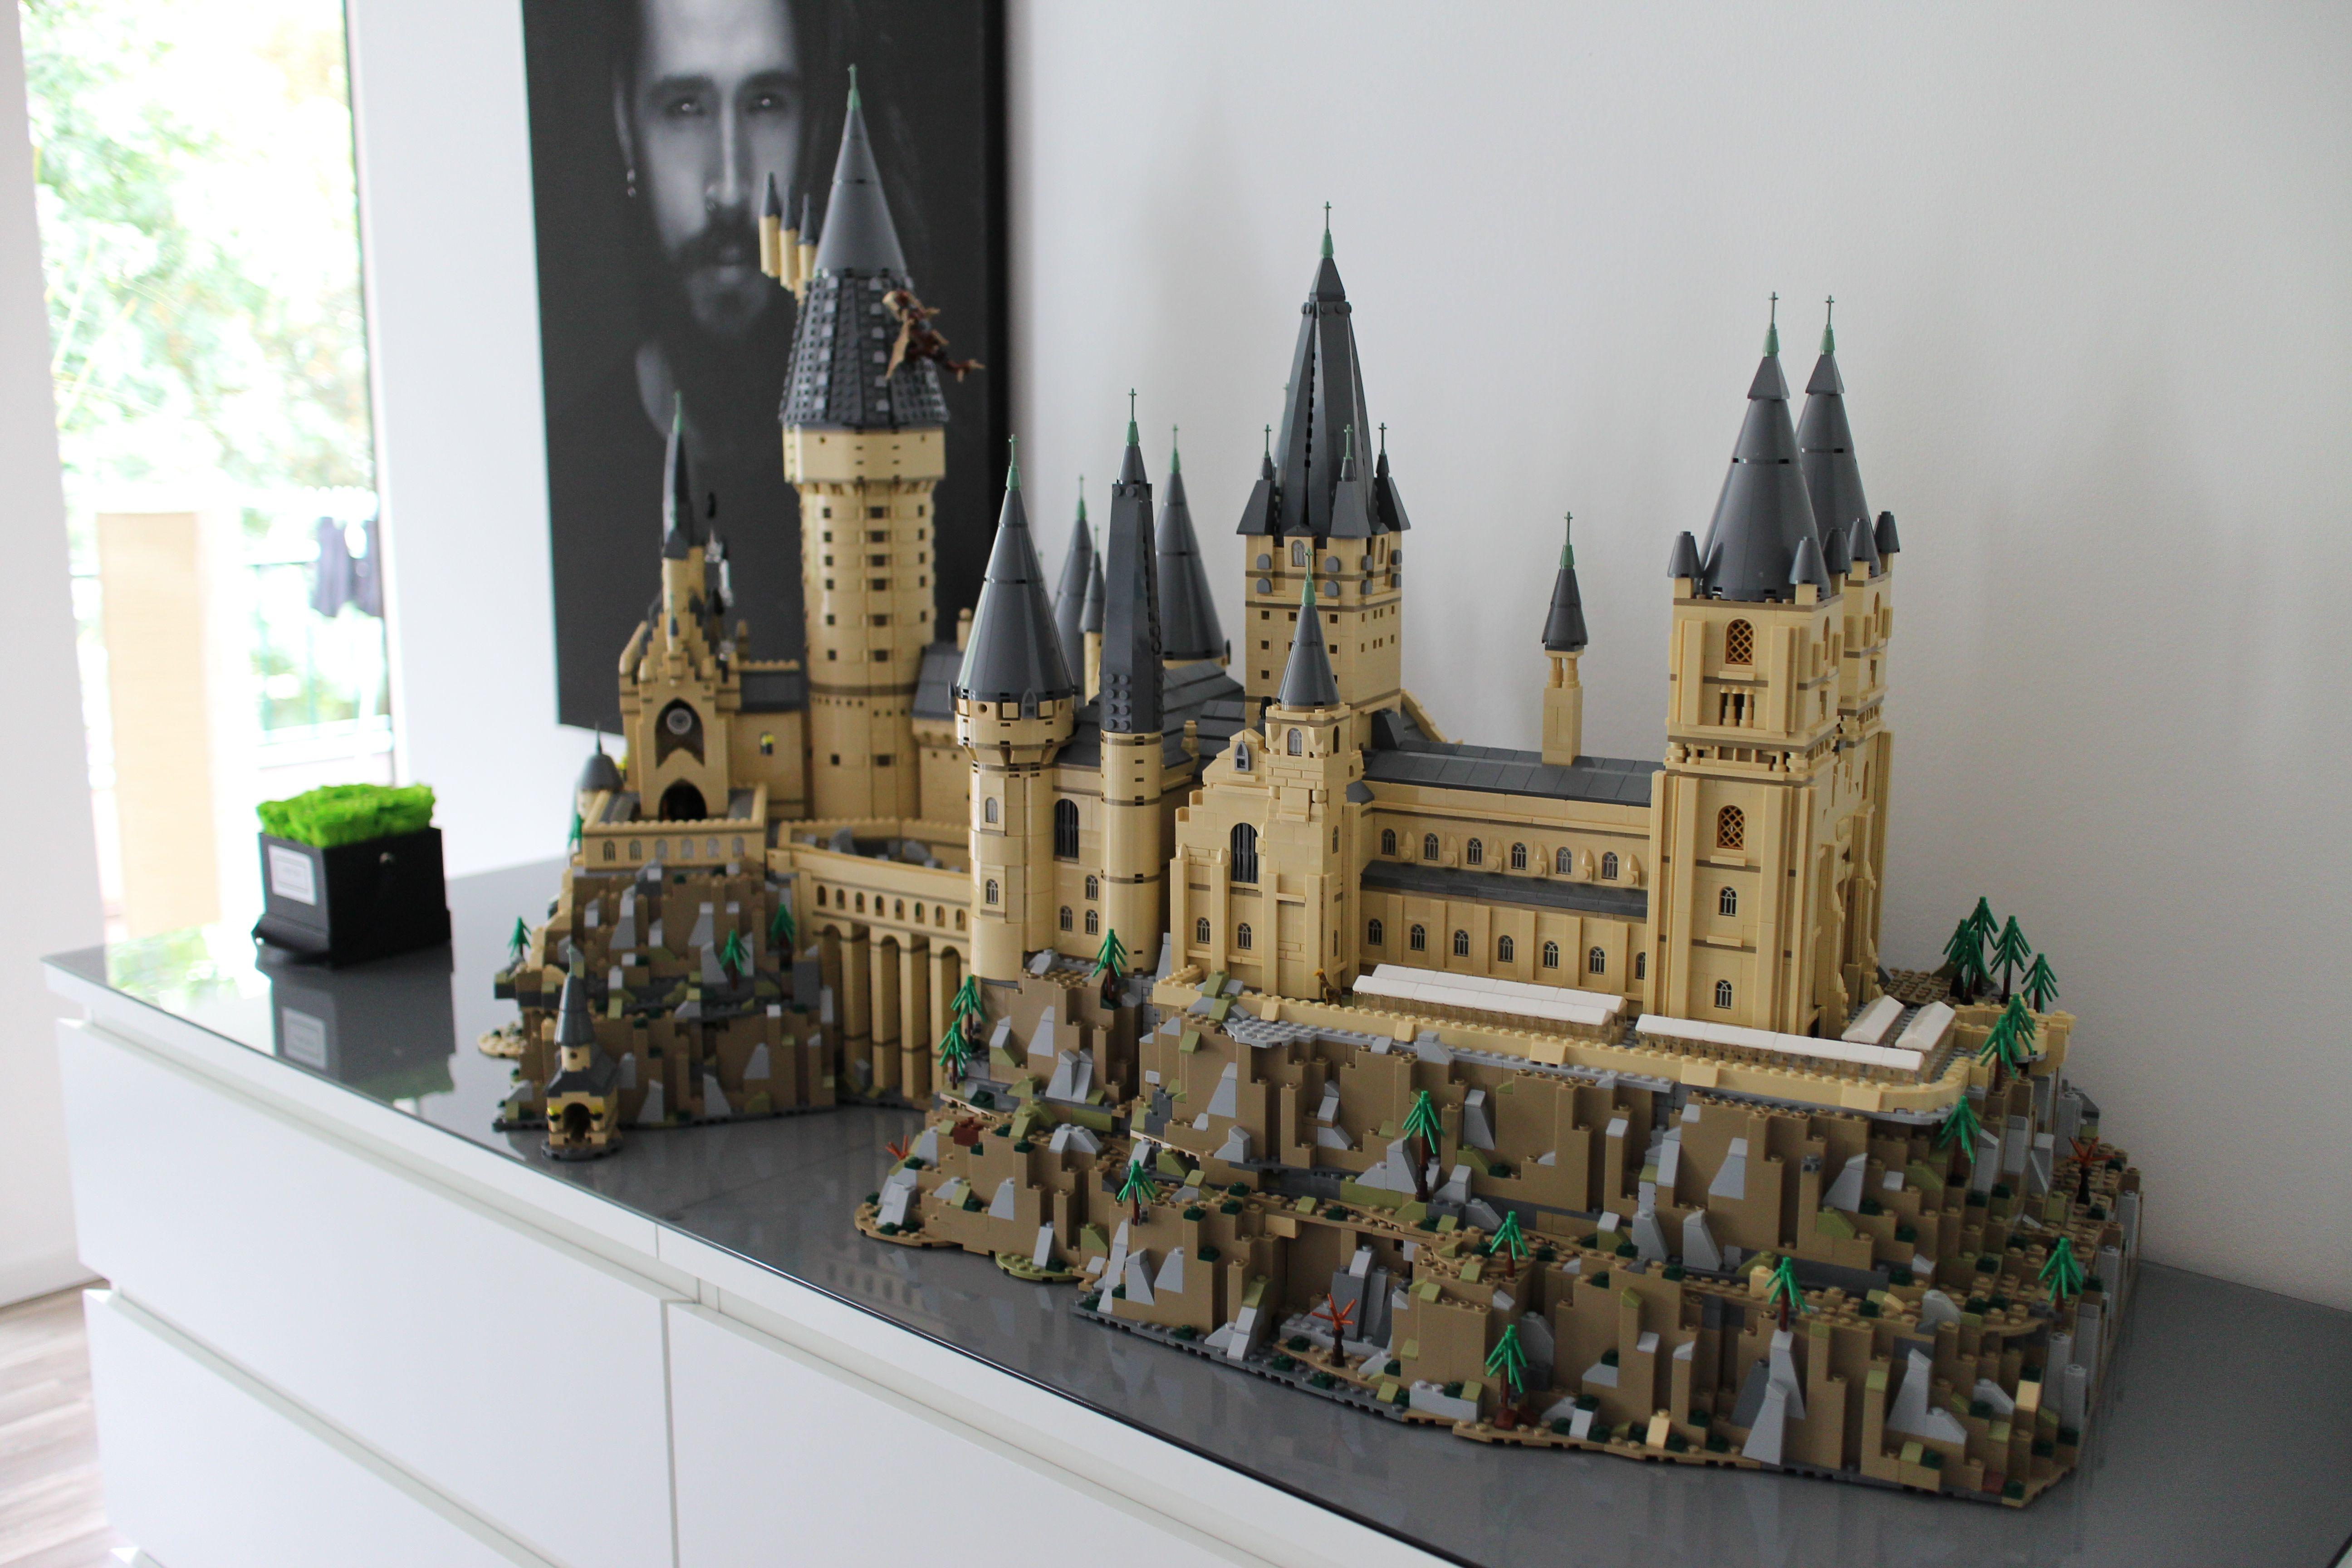 71043 Hogwarts Castel Erweiterung Gebaude Wurde Im Ersten Abschnitt Gebaut Hier Auf Dem Foto Wurde Die Lego Harry Potter Lego Hogwarts Harry Potter Lego Sets